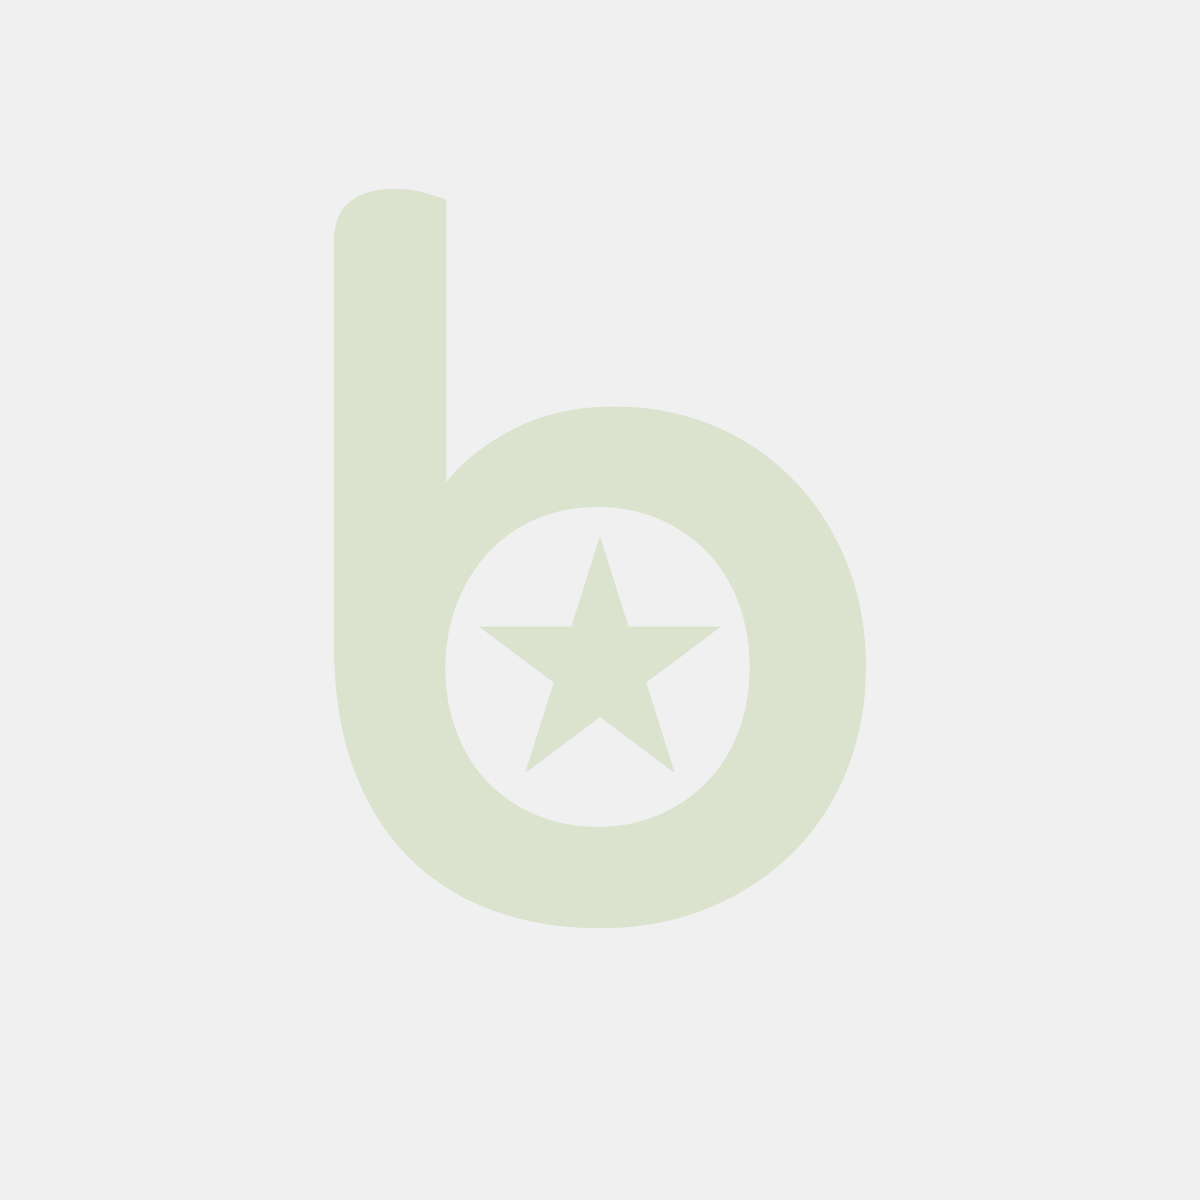 Laurka B6 dla firm POL-M Gw kartka świąteczna